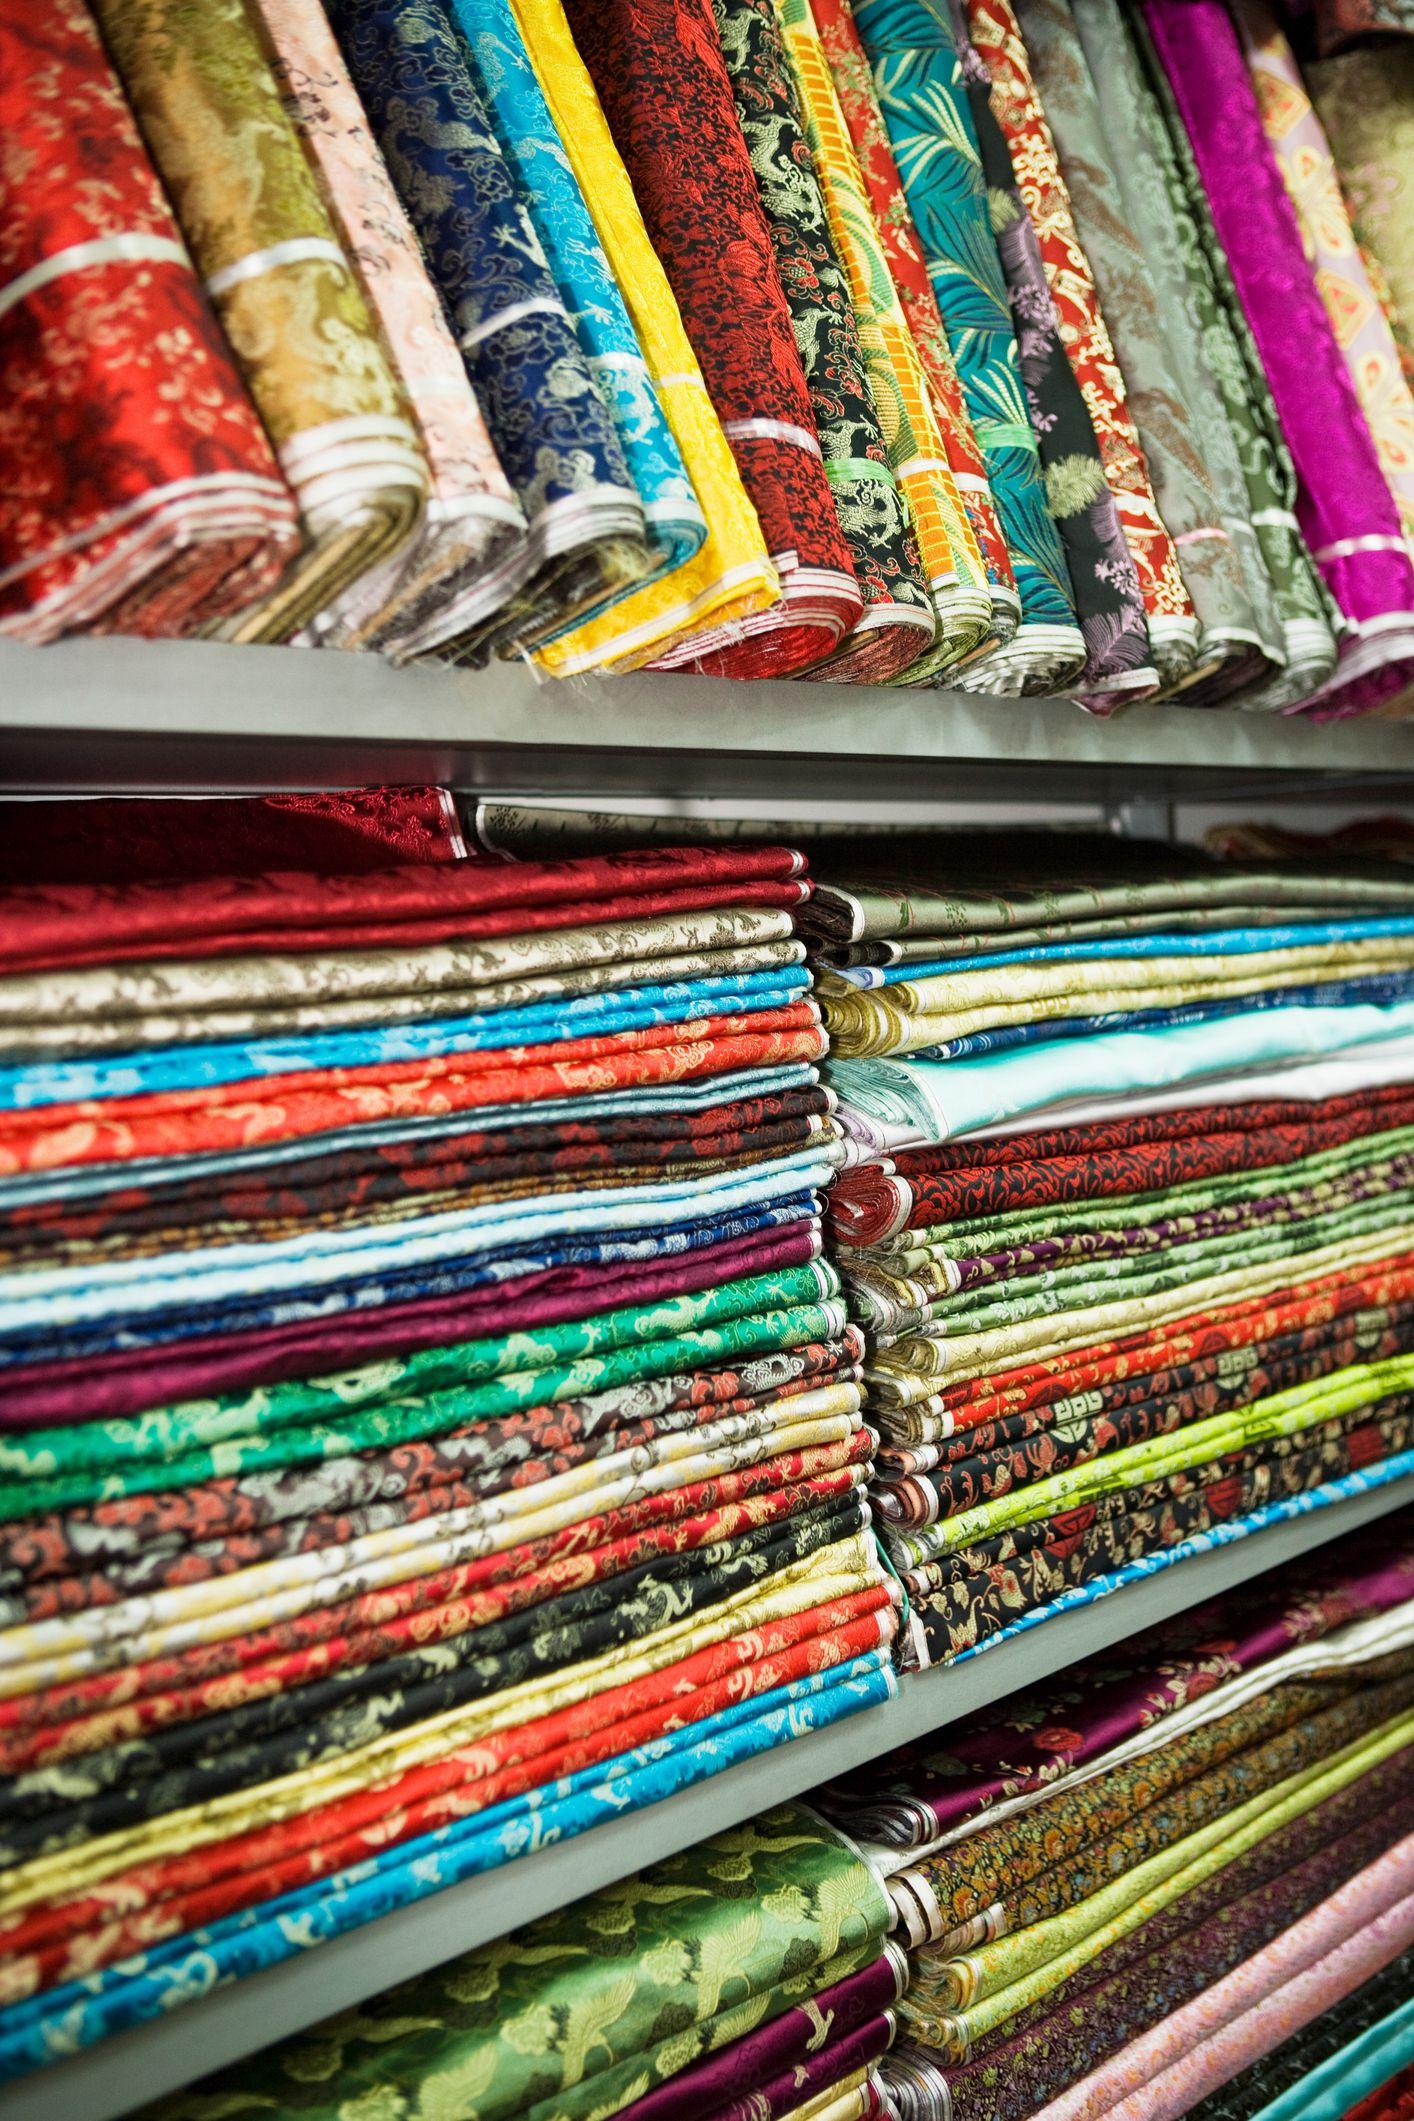 Textiles in shanghai market